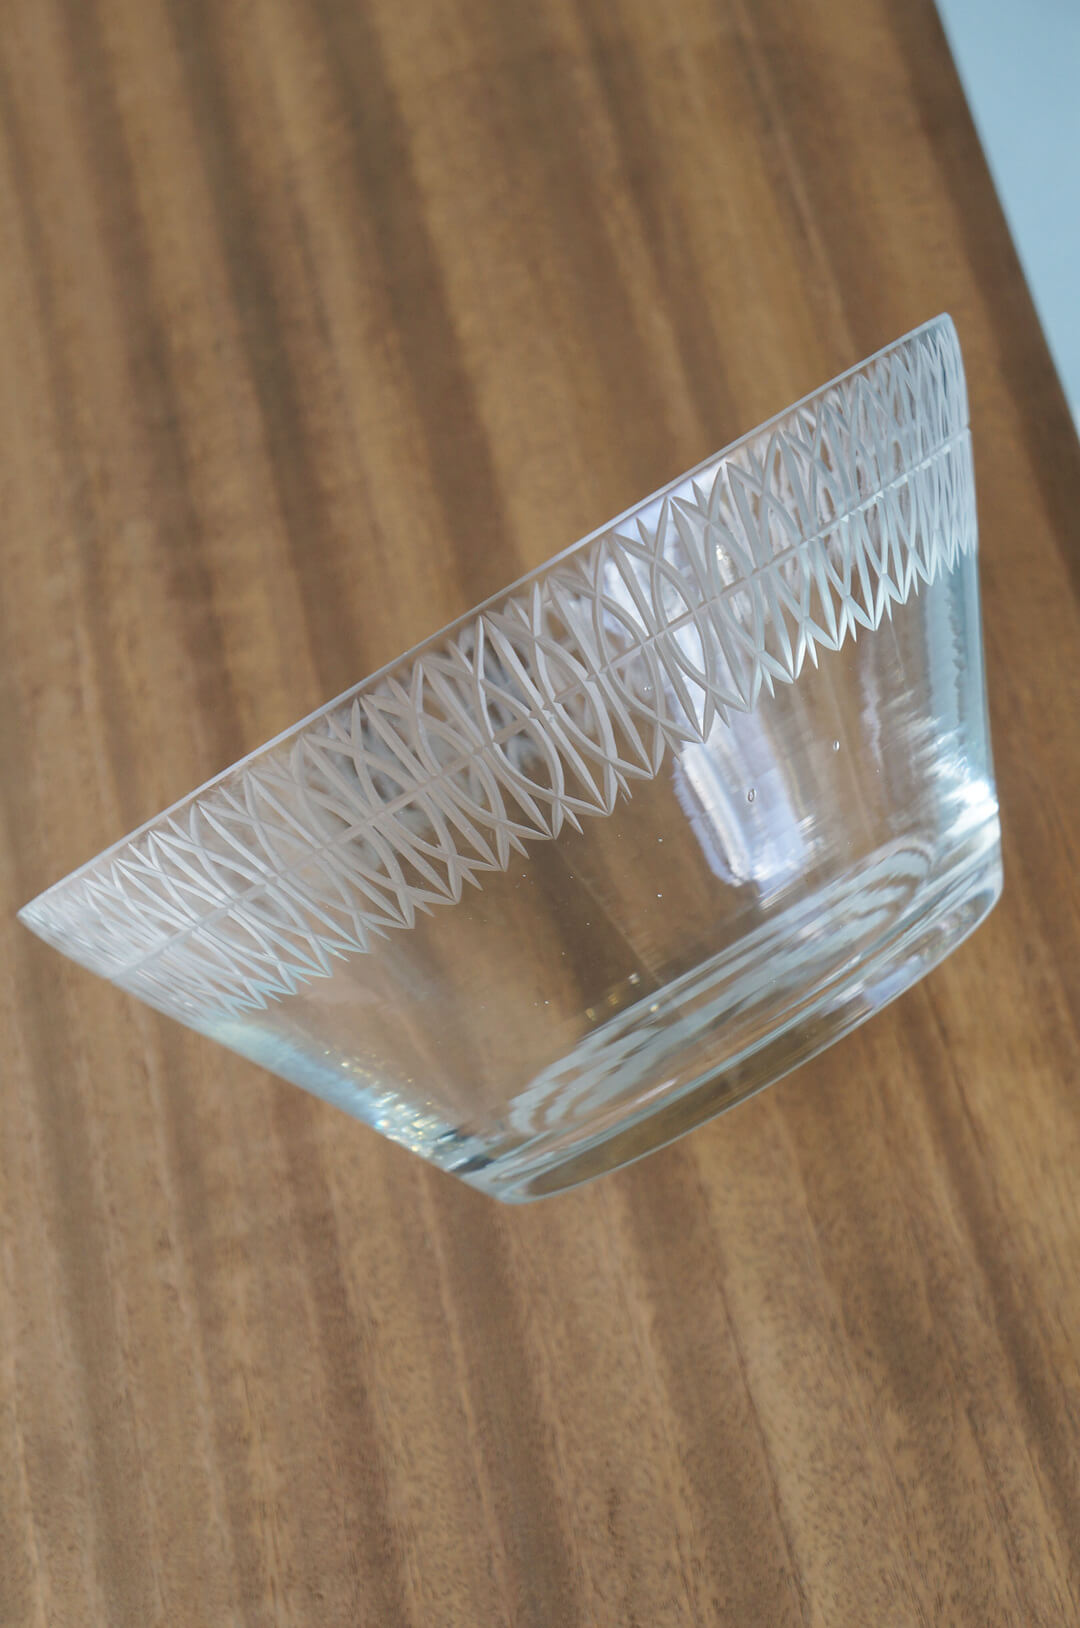 Sybilla Casa Glassware Bowl Tableware/シビラ ガラス食器 ボウル テーブルウェア インテリア